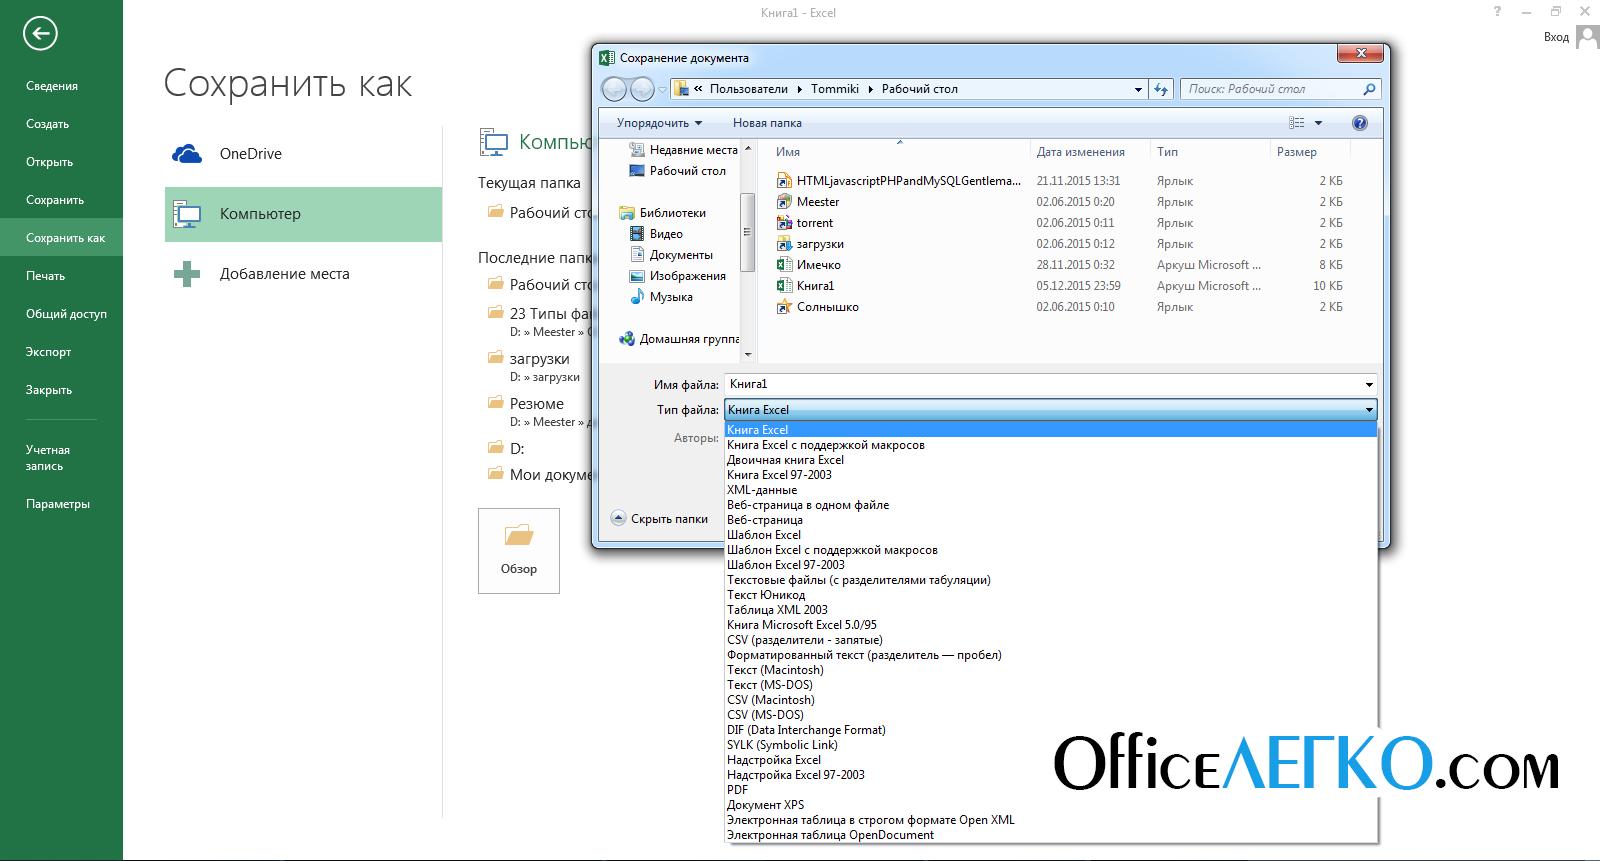 Как сохранить список файлов в папке 80